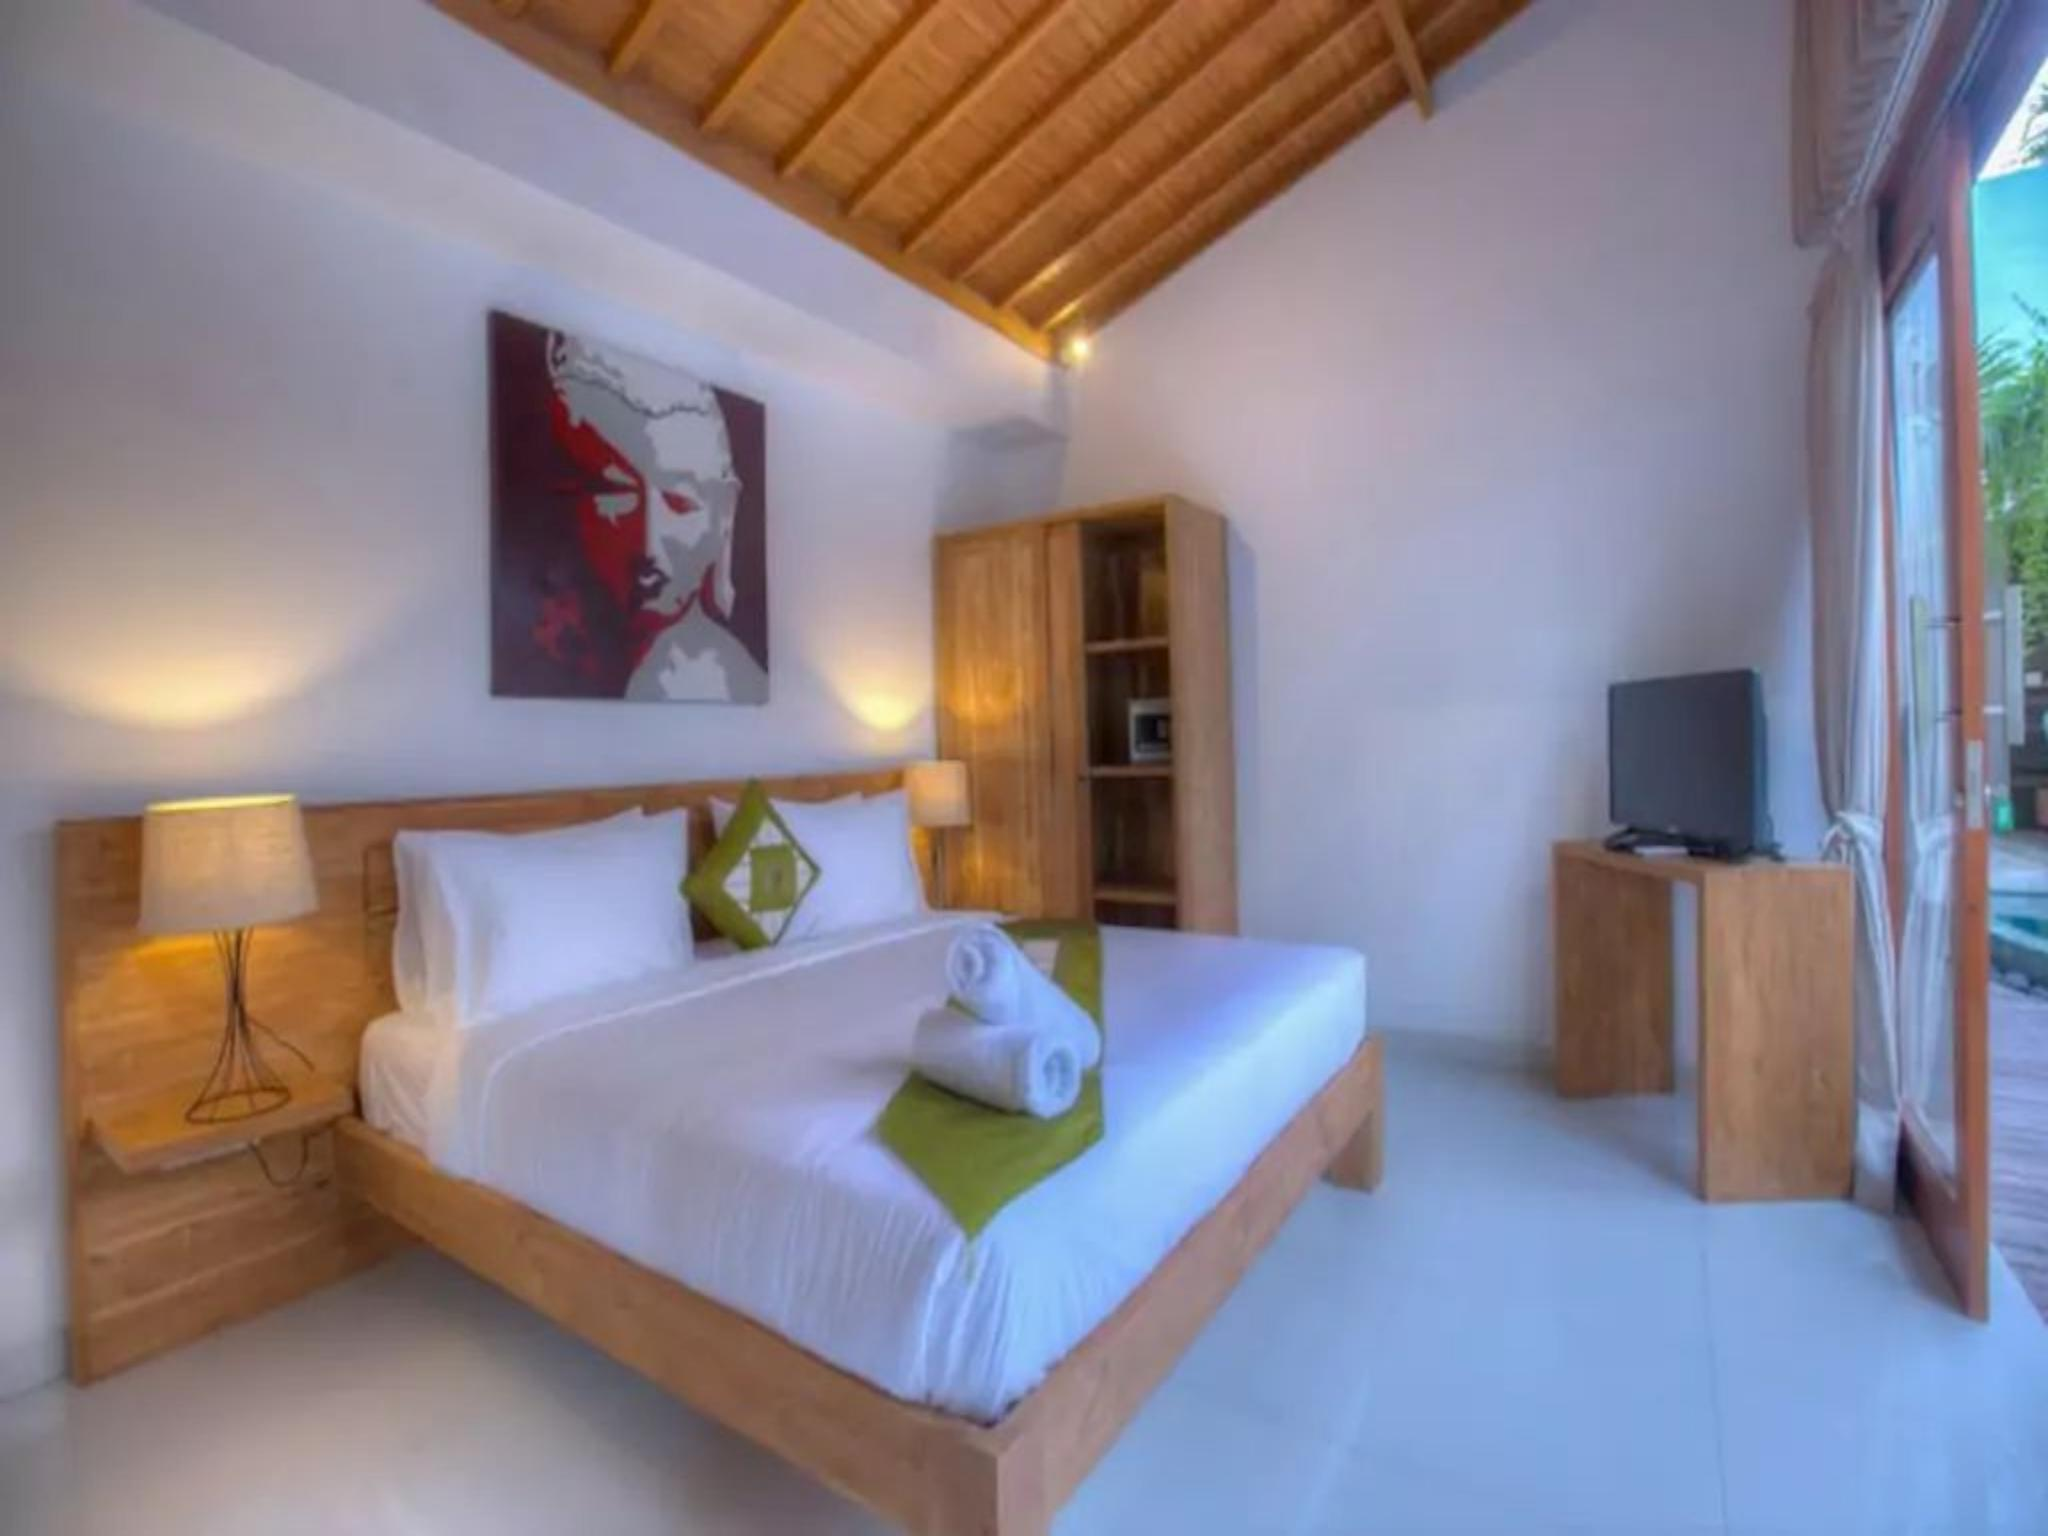 4 BDR Villa Deyoya Seminyak Area